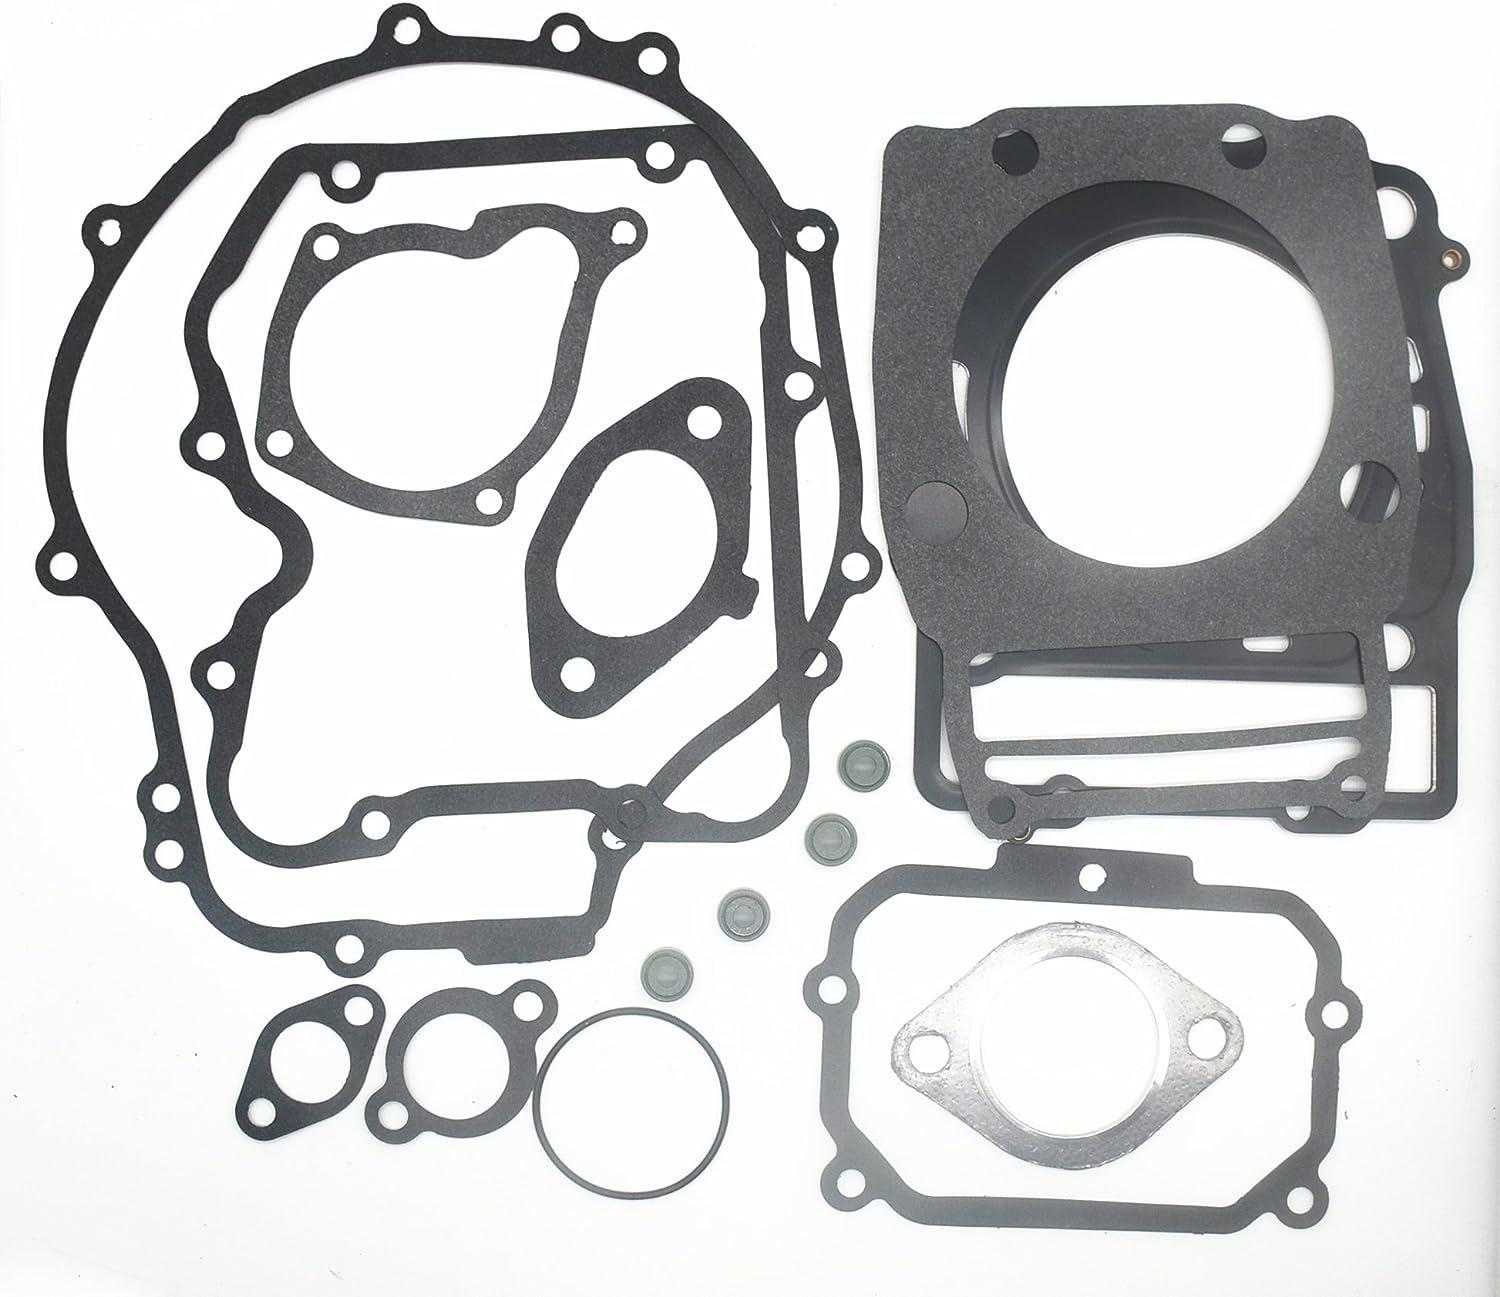 Carbman Complete Gasket Kit Set for Polaris 500 Sportsman Xplorer Magnum ATP Ranger